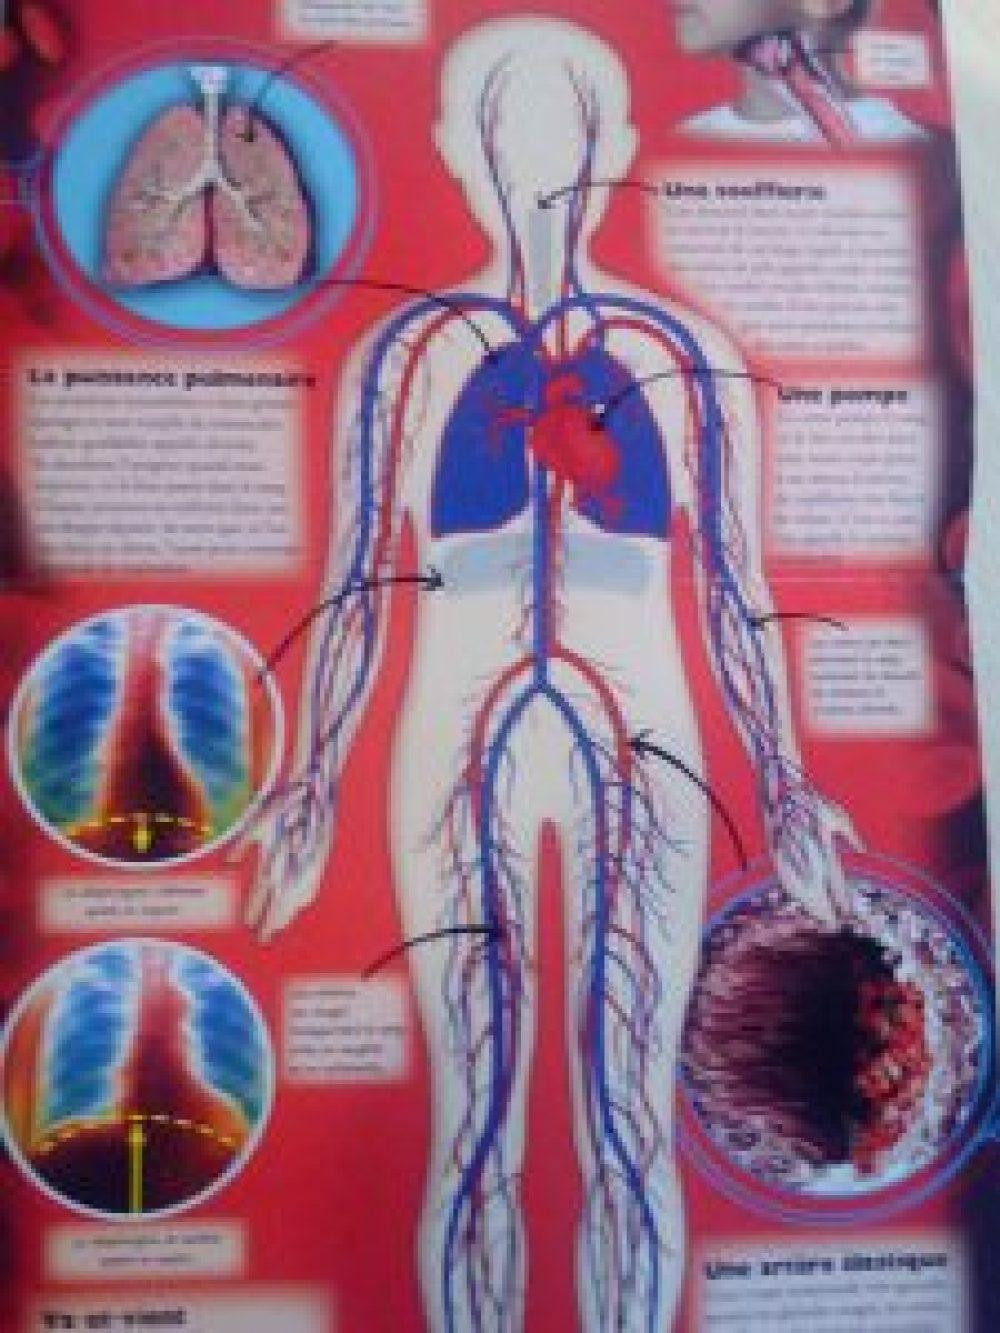 livre scientifique pour enfant